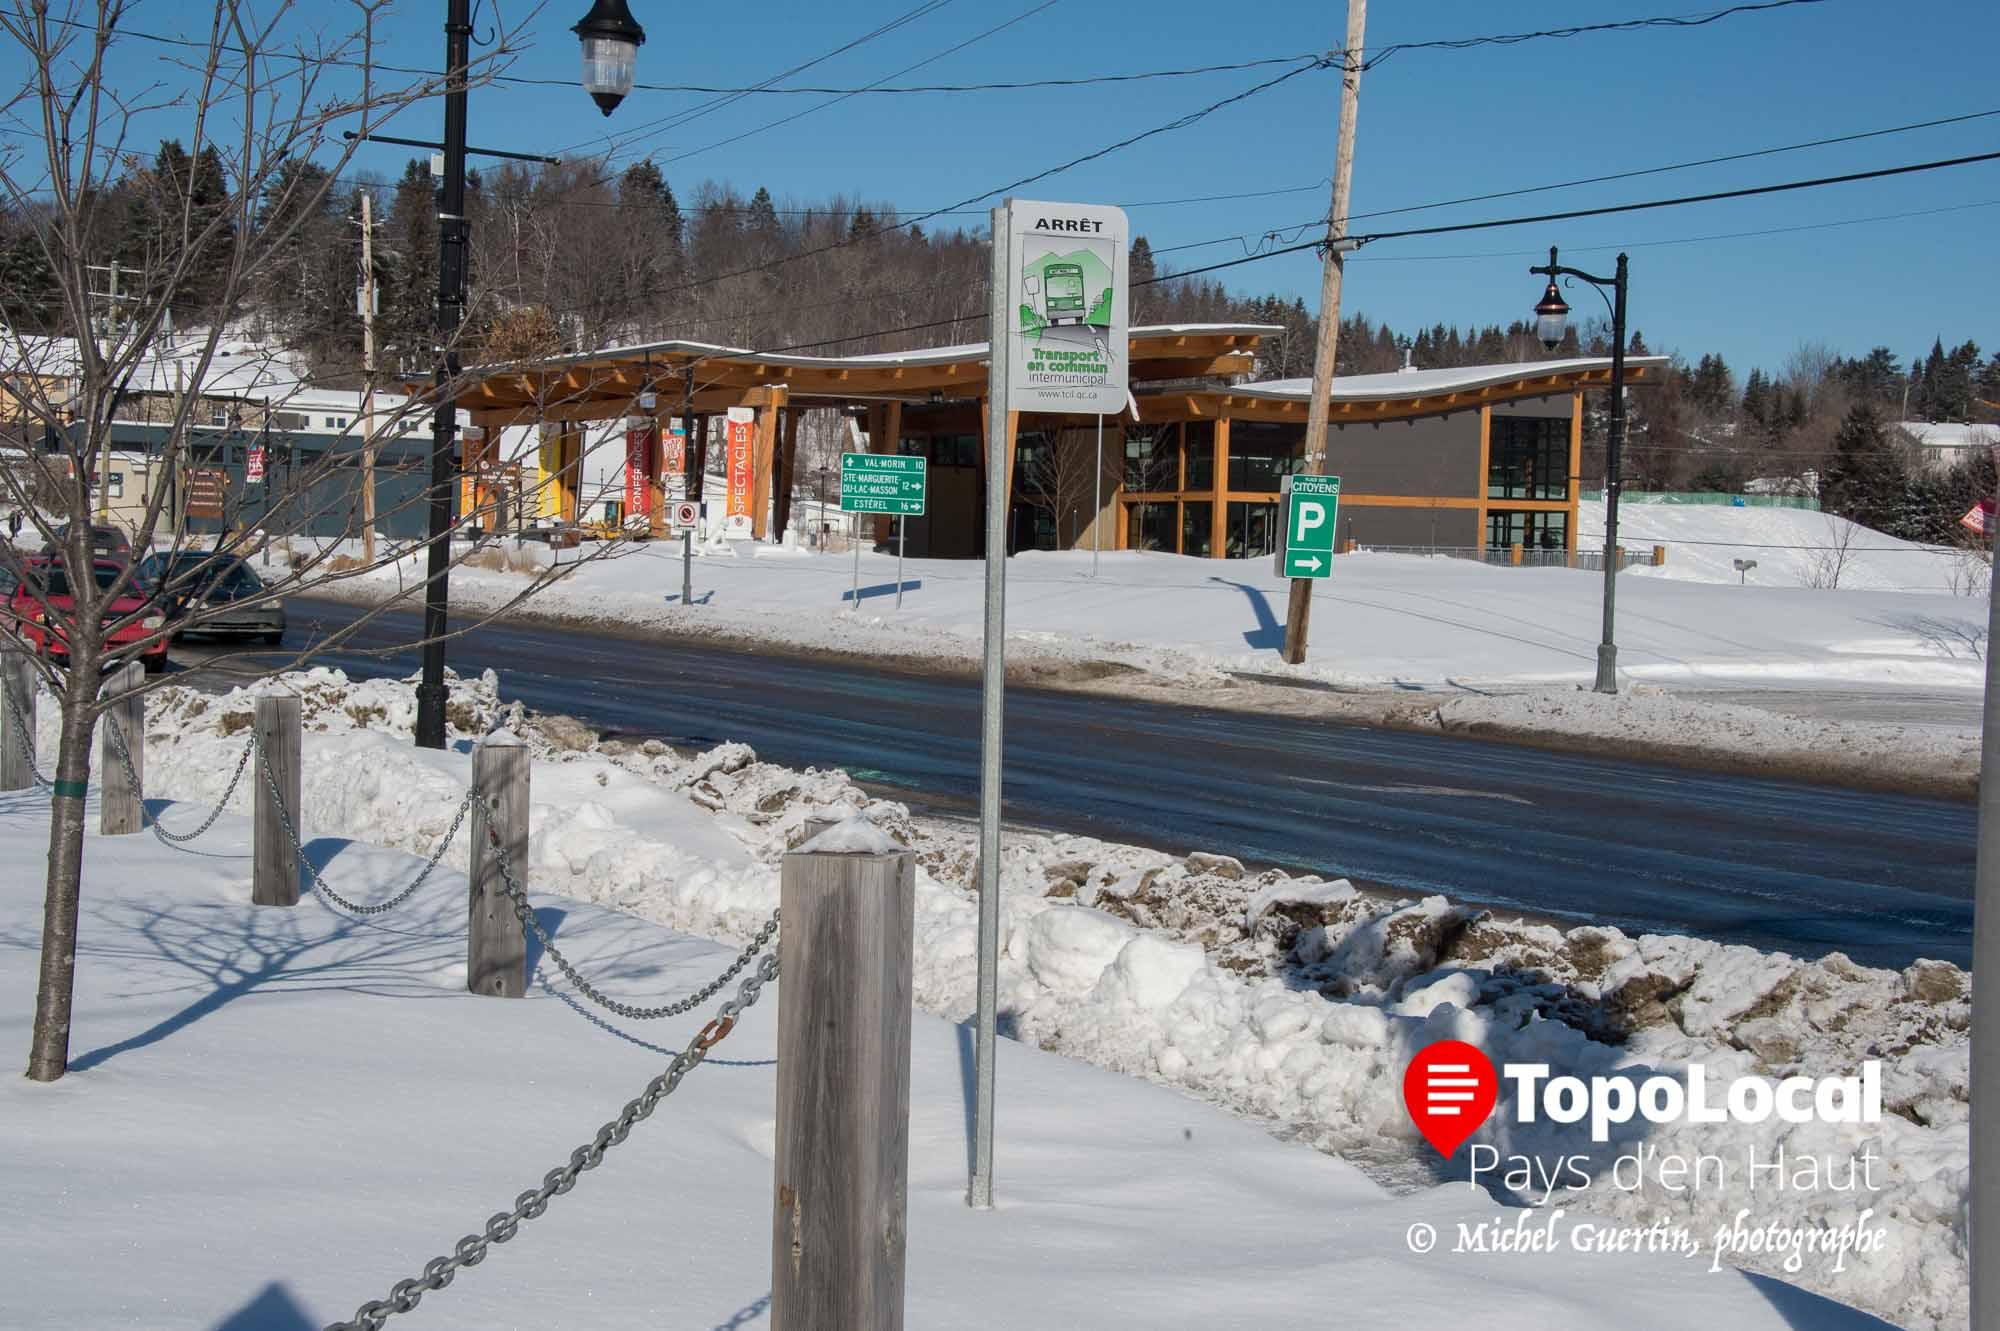 Elle n'y est plus. Le 24 janvier dernier nous vous montrions une bycyclette abandonnée dans la neige cadenassée après cet arrêt d'autobus. Eh bien moins d'un mois plus tard, il n'y a plus rein. est-ce que le propriétaire l'a récupéré ou bien la ville a décidé de l'enlever...Mystère.